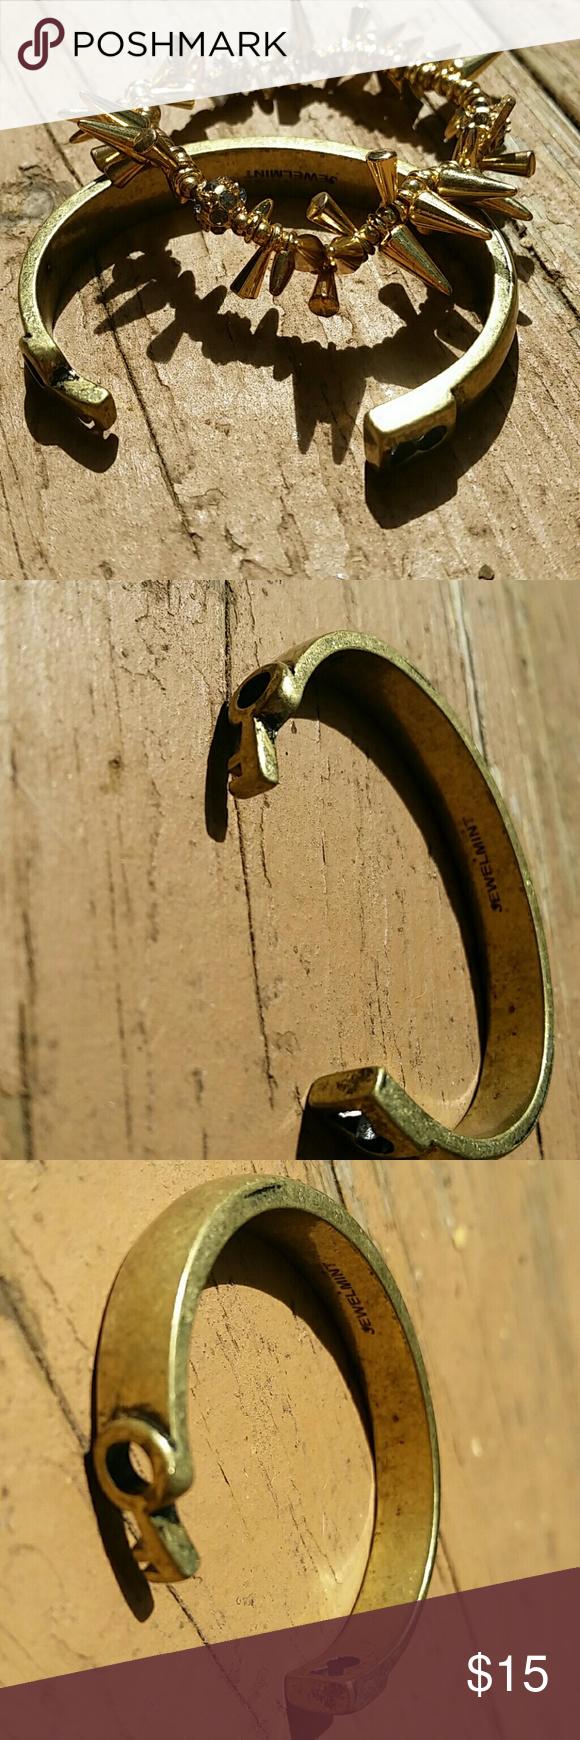 Lock and key cuff By jewelmint Jewelmint Jewelry Bracelets